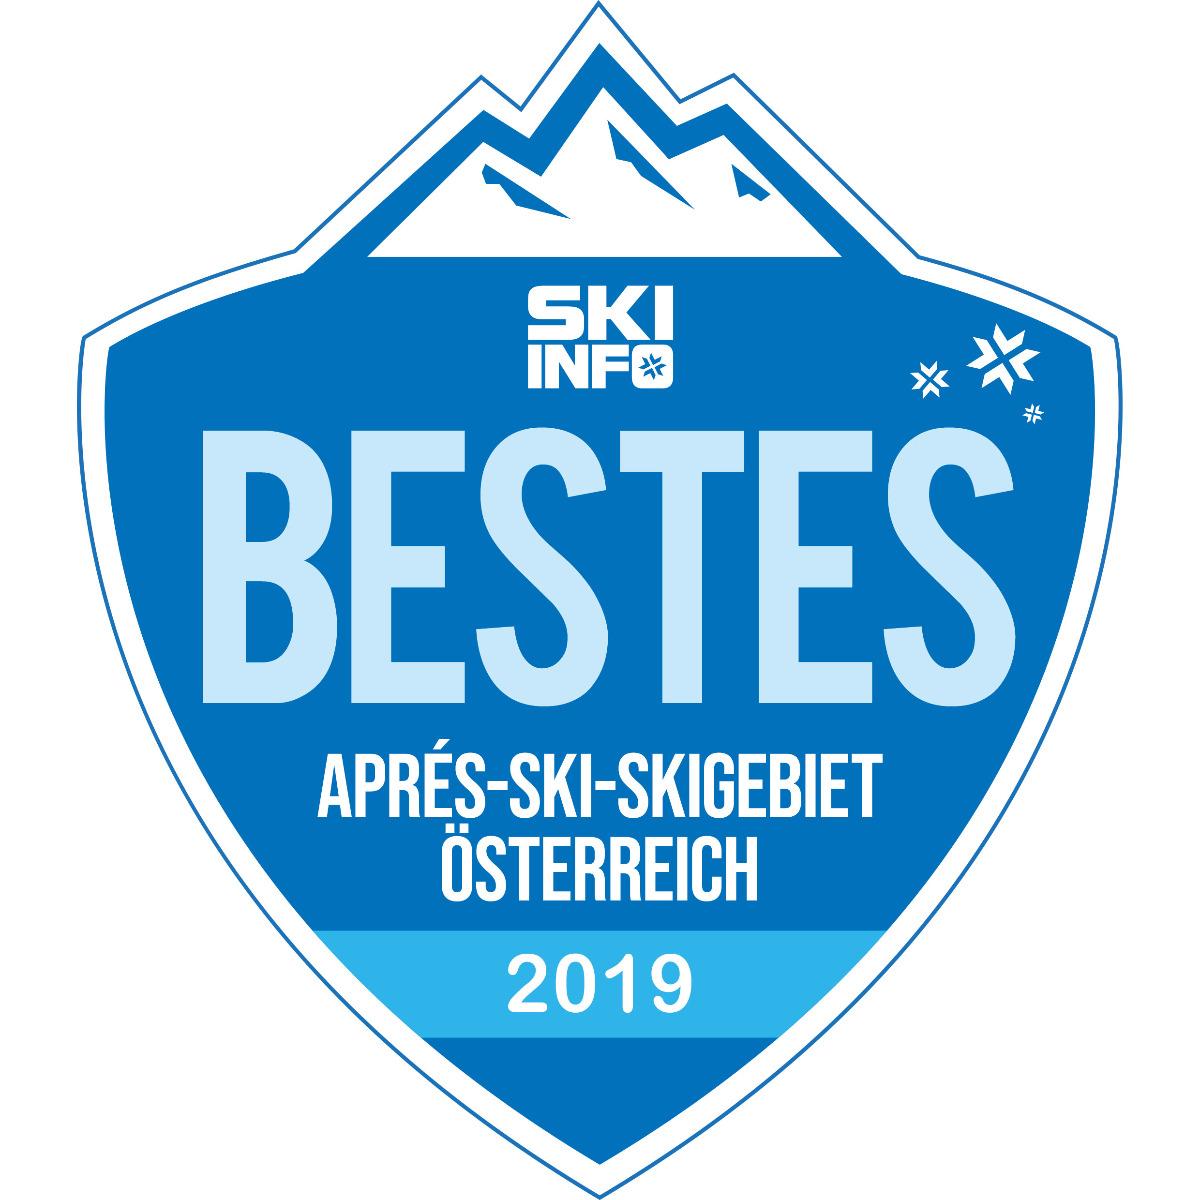 Bestes Aprés-Ski-Skigebiet in Österreich 2018/2019